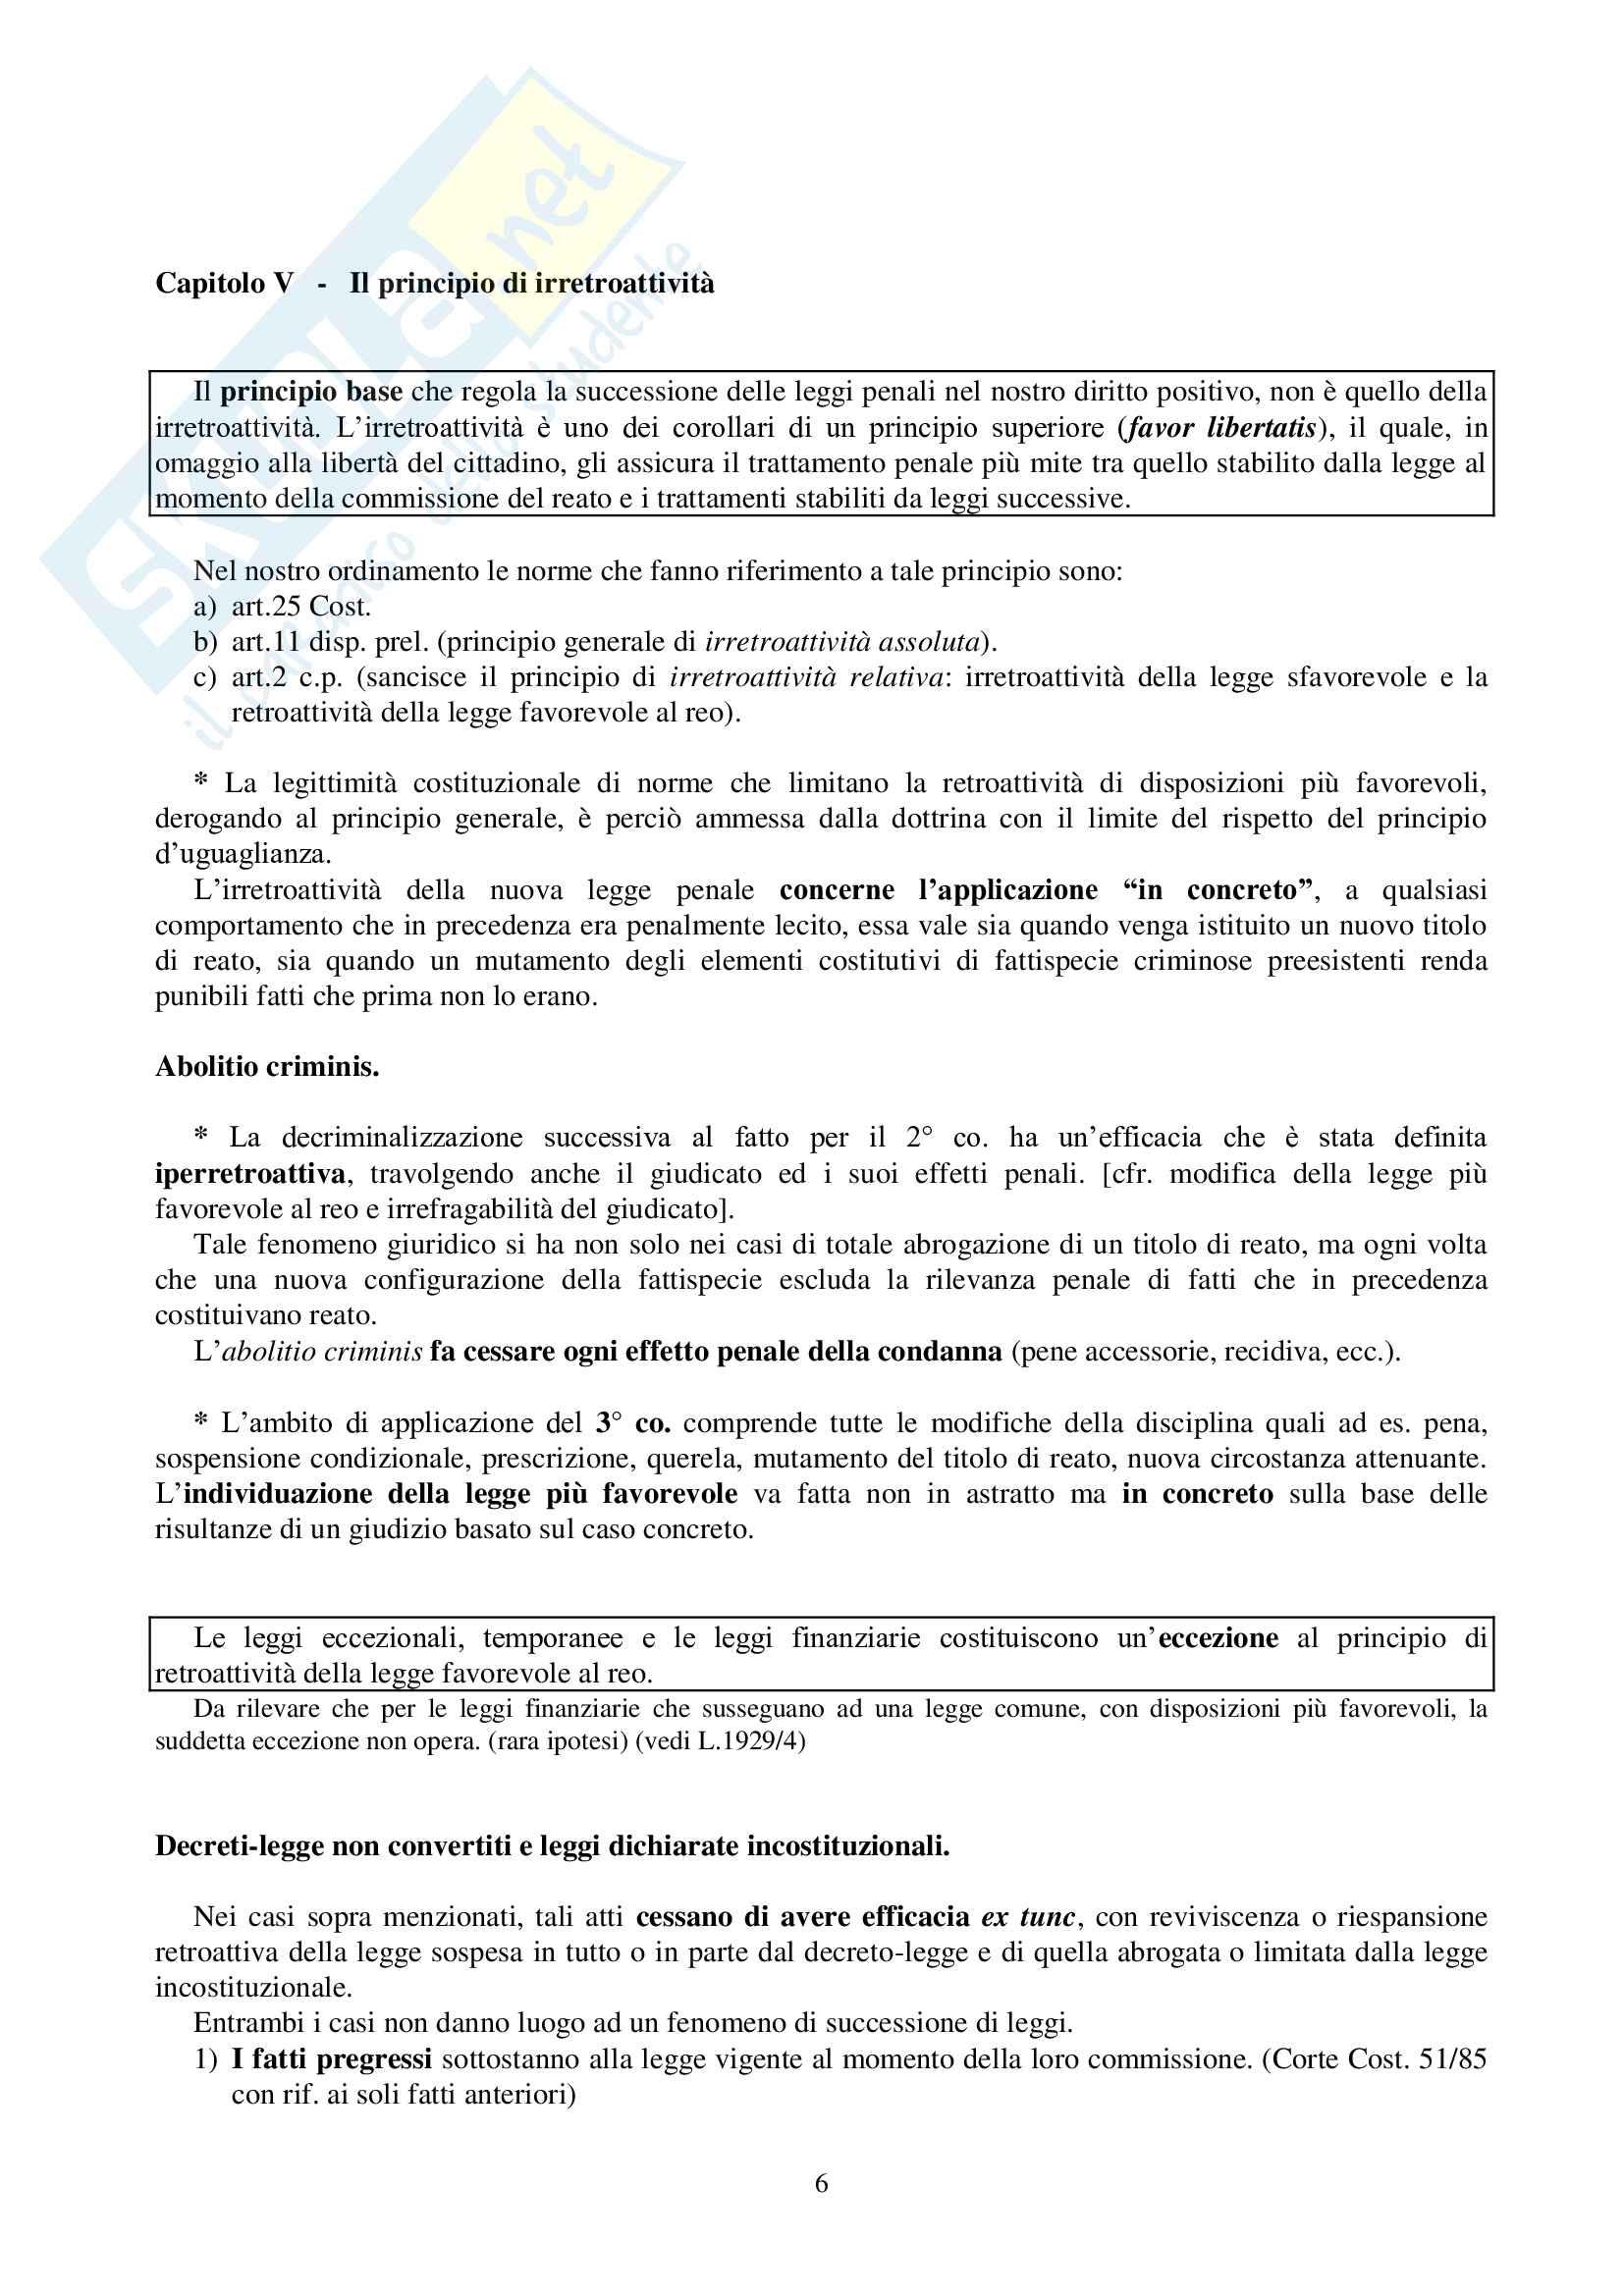 Riassunto esame Diritto Penale, prof. Mantovani Pag. 6